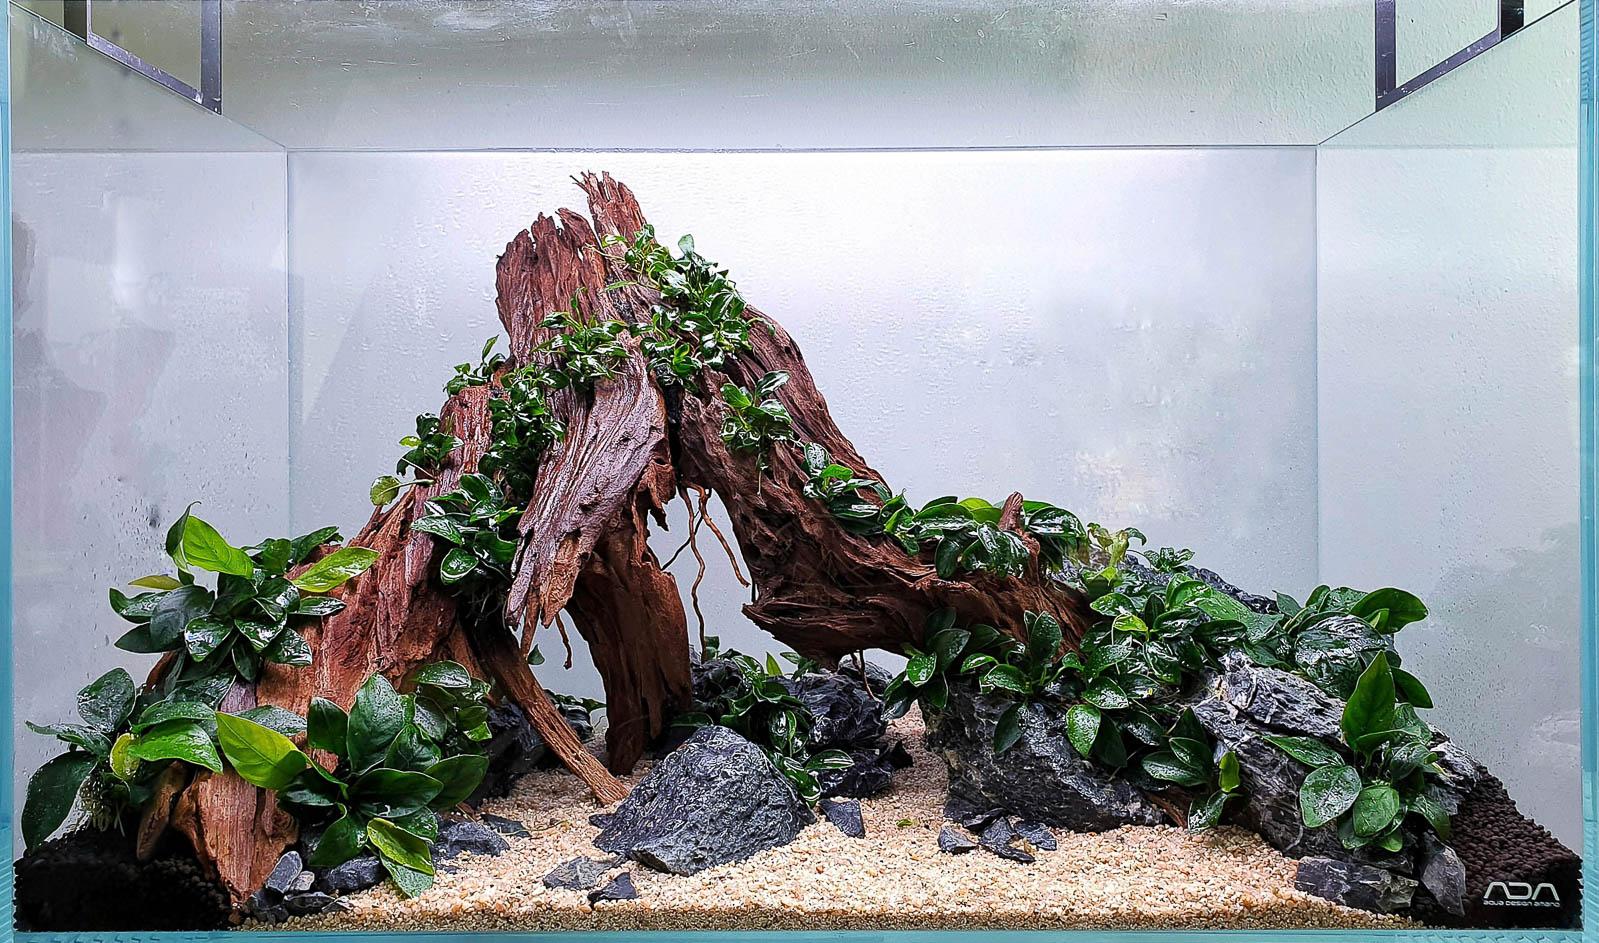 Yati Holz Aquascape firsch bepflanzt